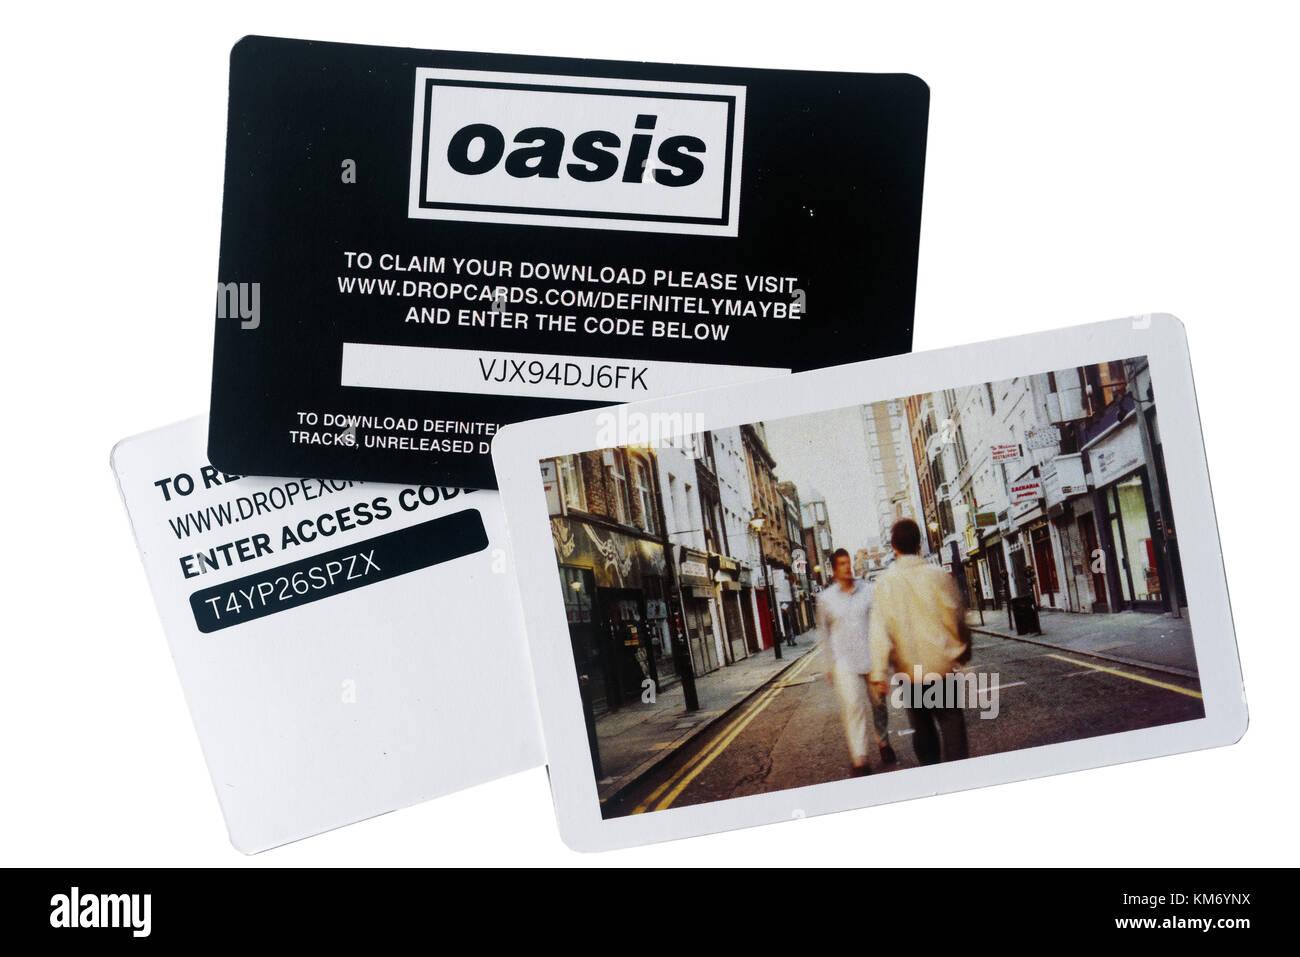 Album Numérique Oasis télécharger jeux de cartes inclus lorsque vous achetez un disque vinyle Photo Stock